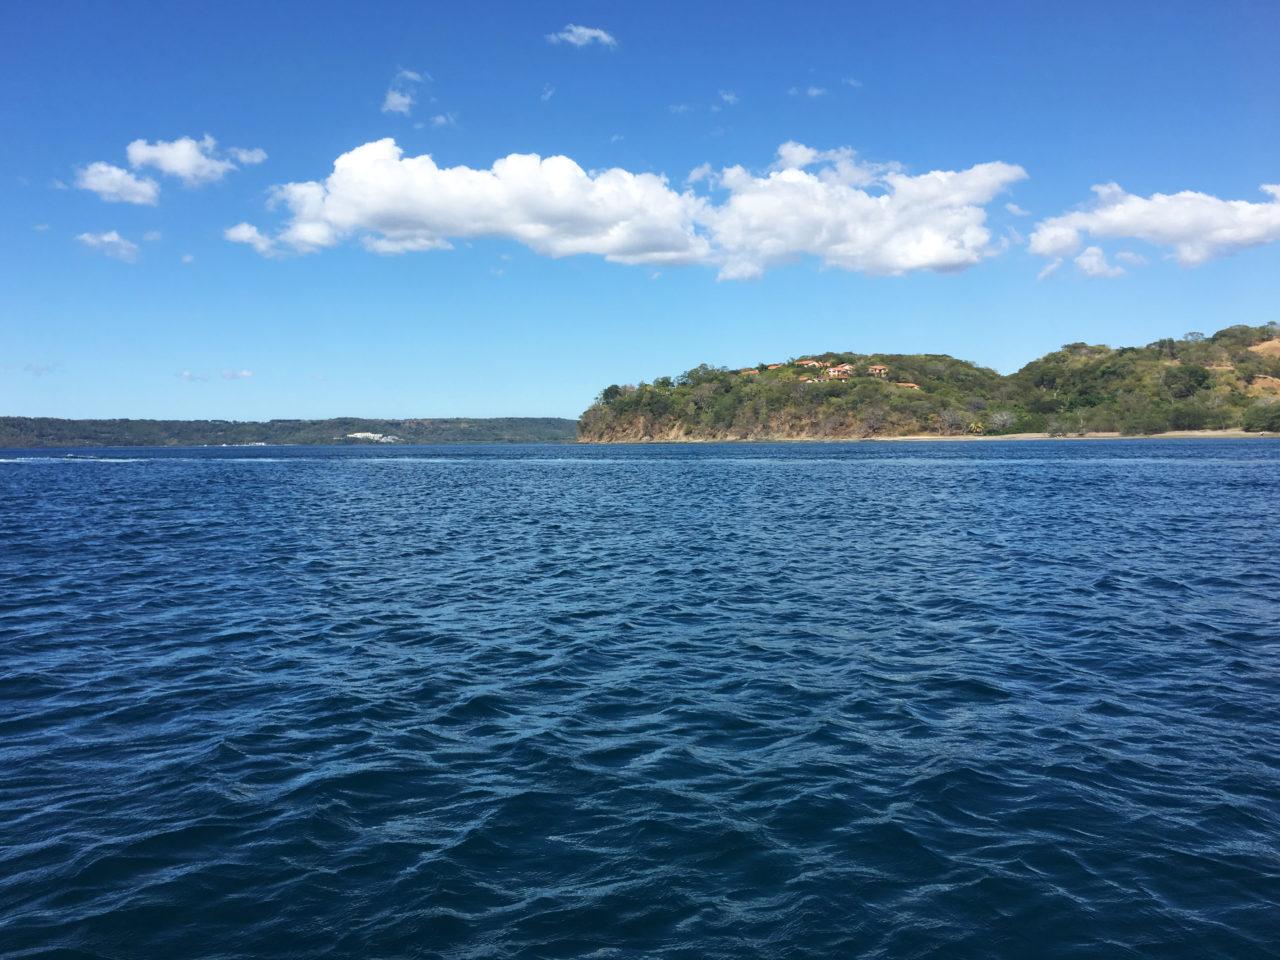 Shore in Costa Rica